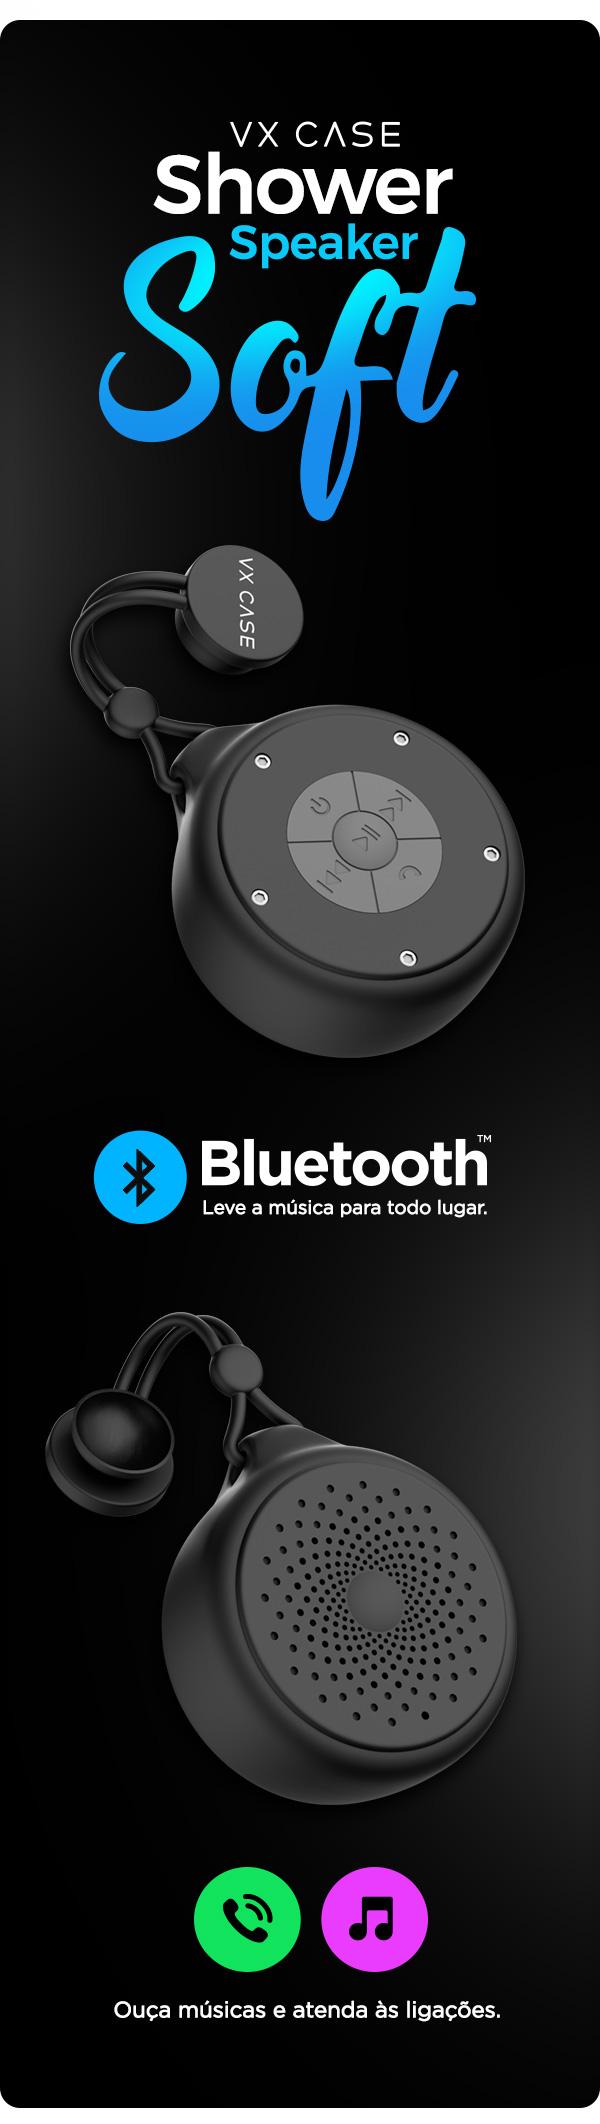 Shower Speaker tem conexão bluetooth e permite ouvir músicas e atender a ligações